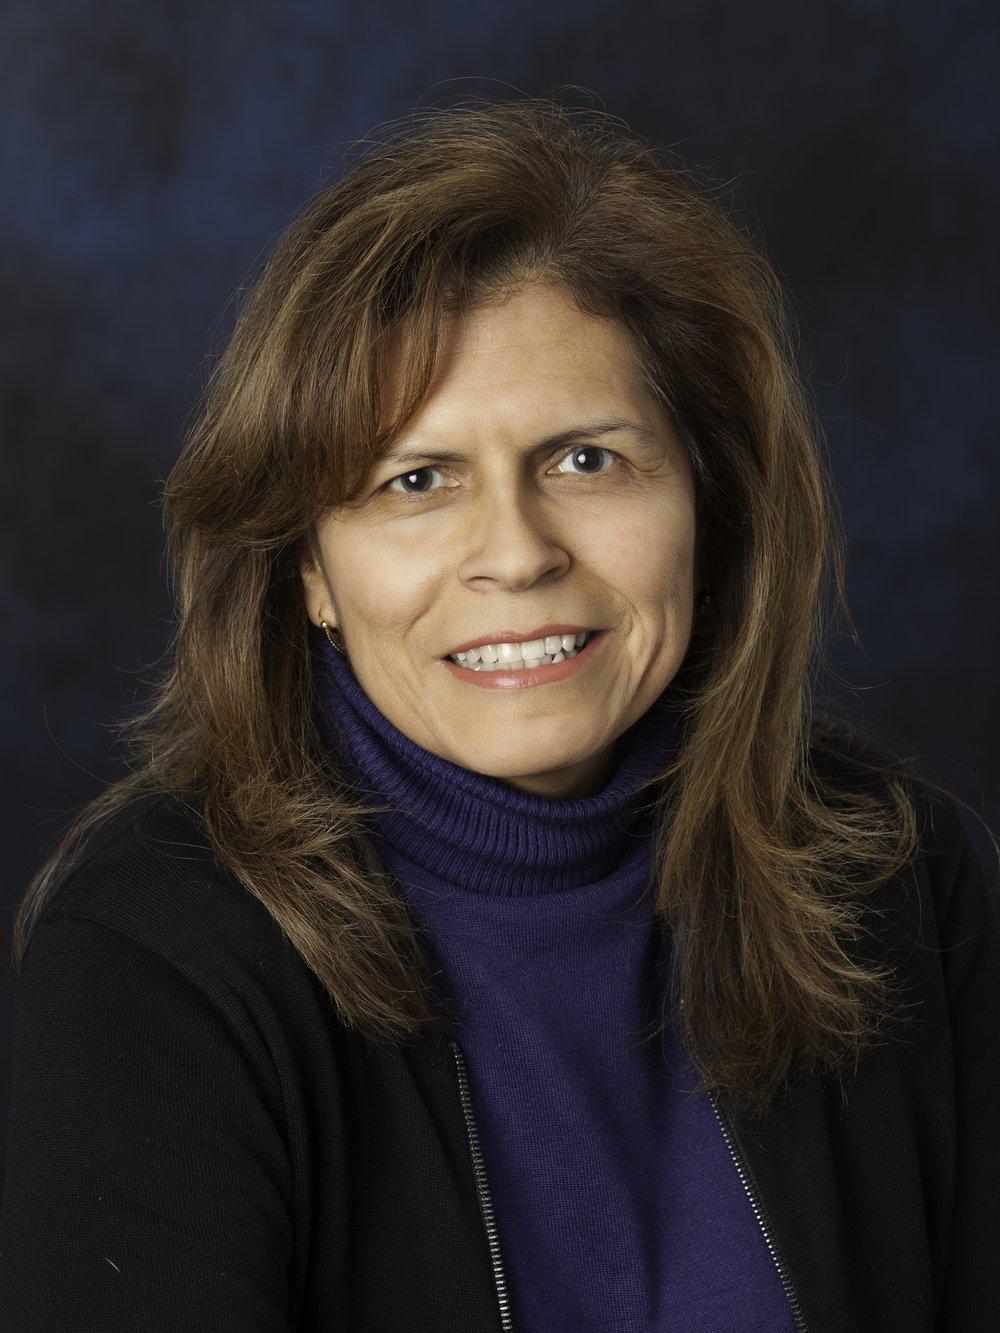 VIRGINIA HERNANDEZ, MD FAMILY MEDICINE / OB